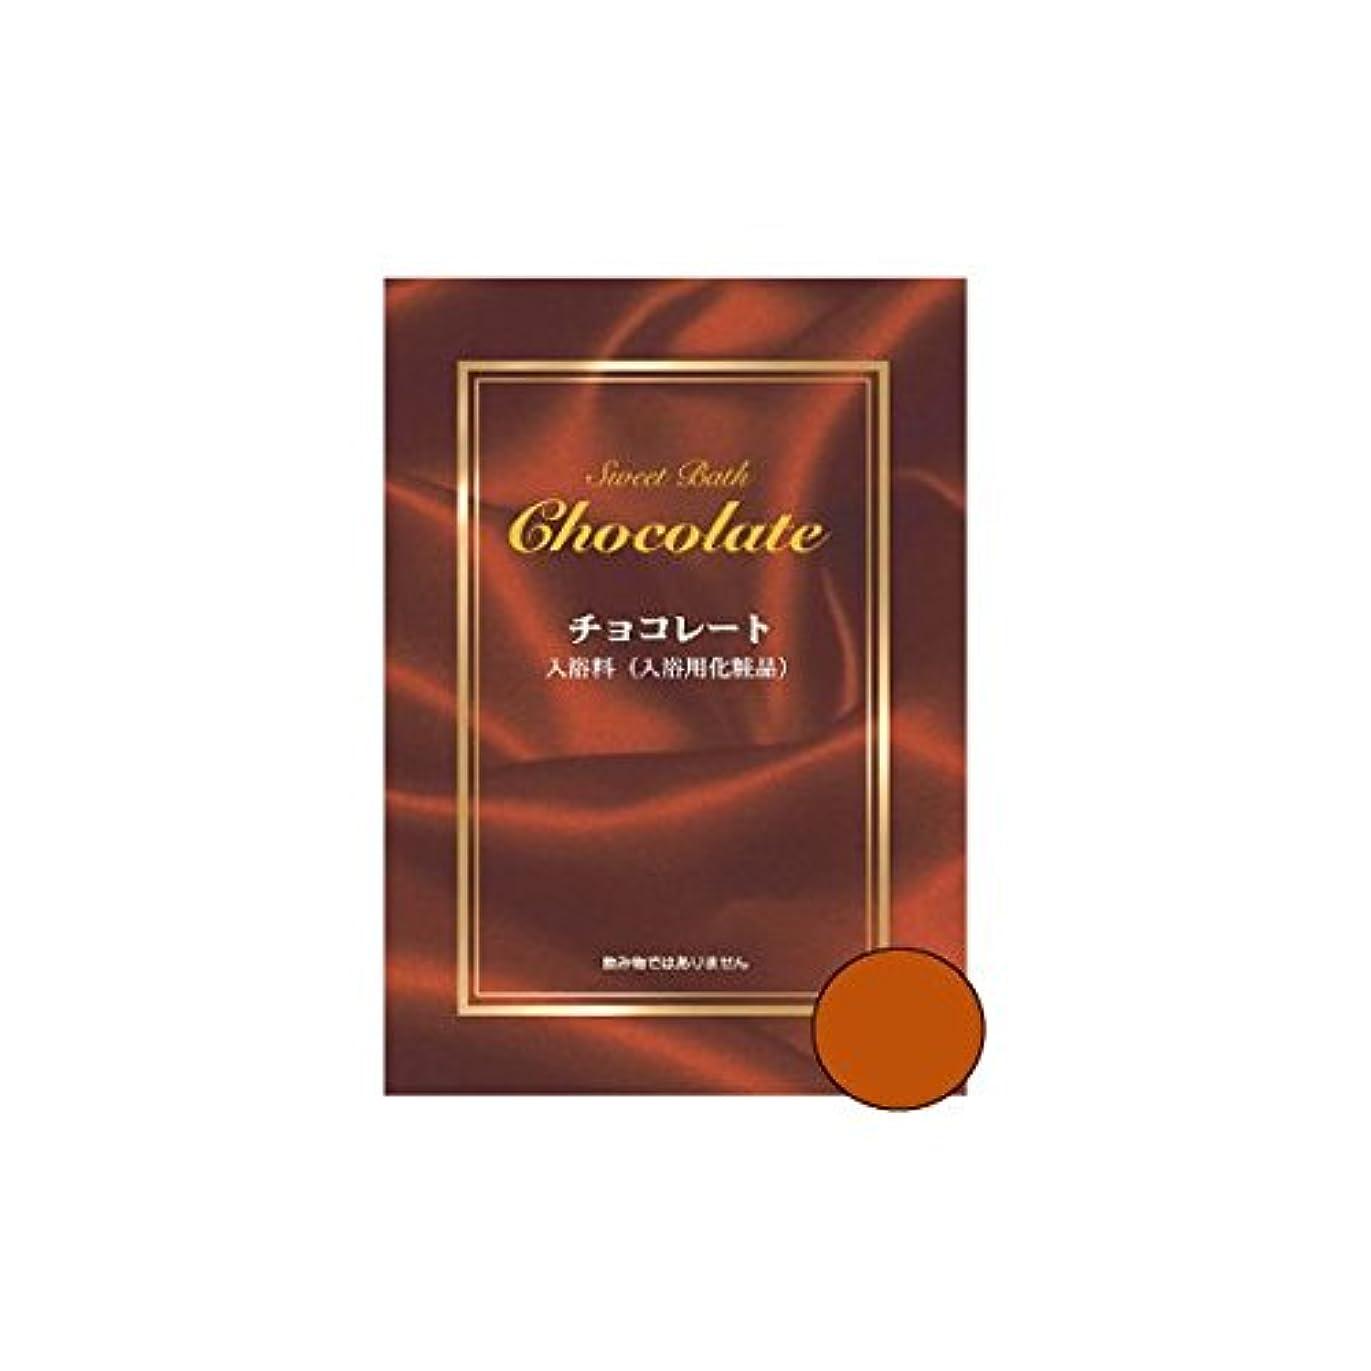 カウントアップ分散致死【10包】スウィートバス チョコレート入浴料